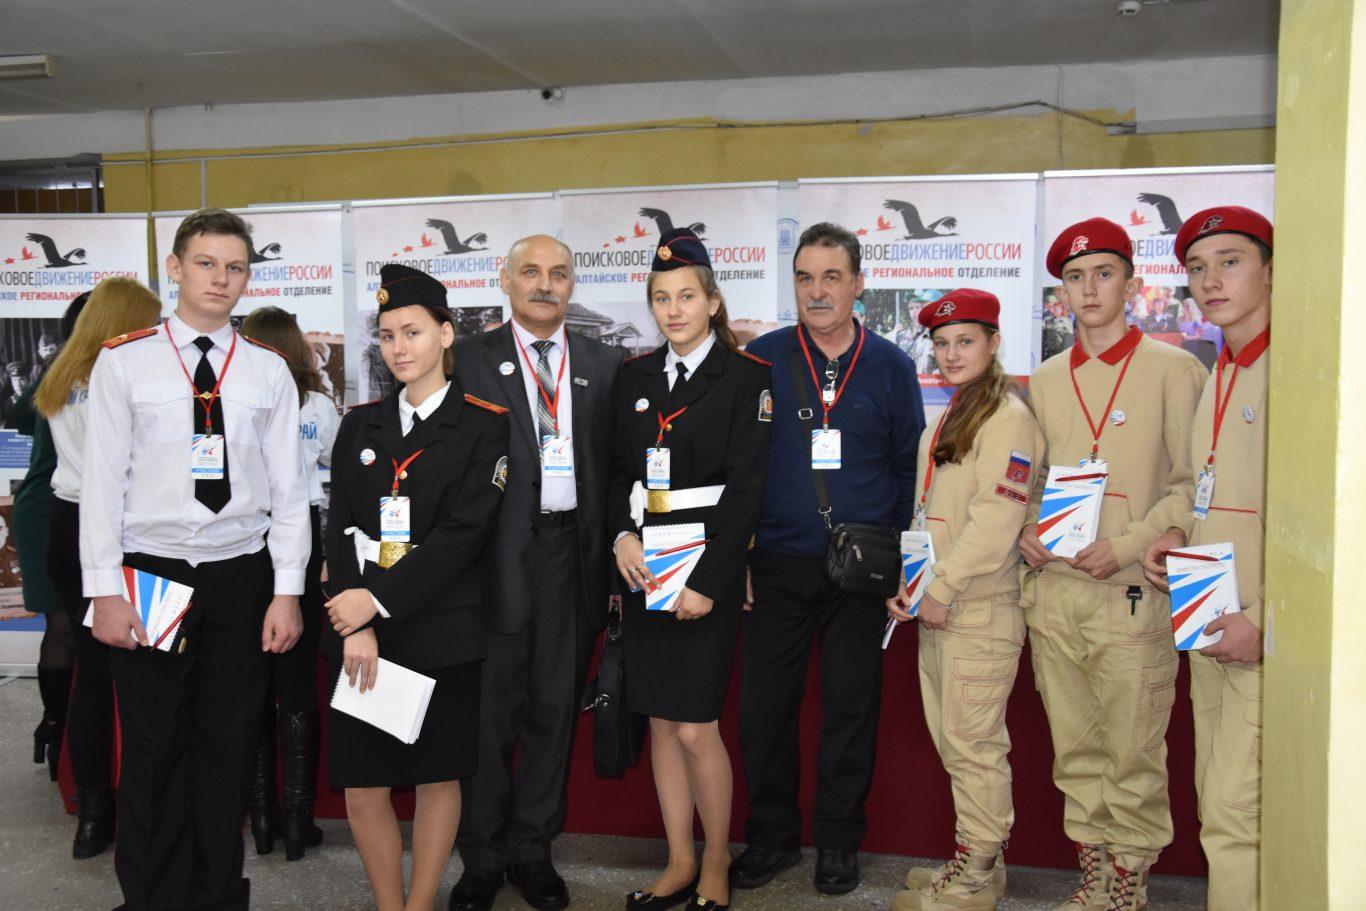 Съезд молодых патриотов Сибири